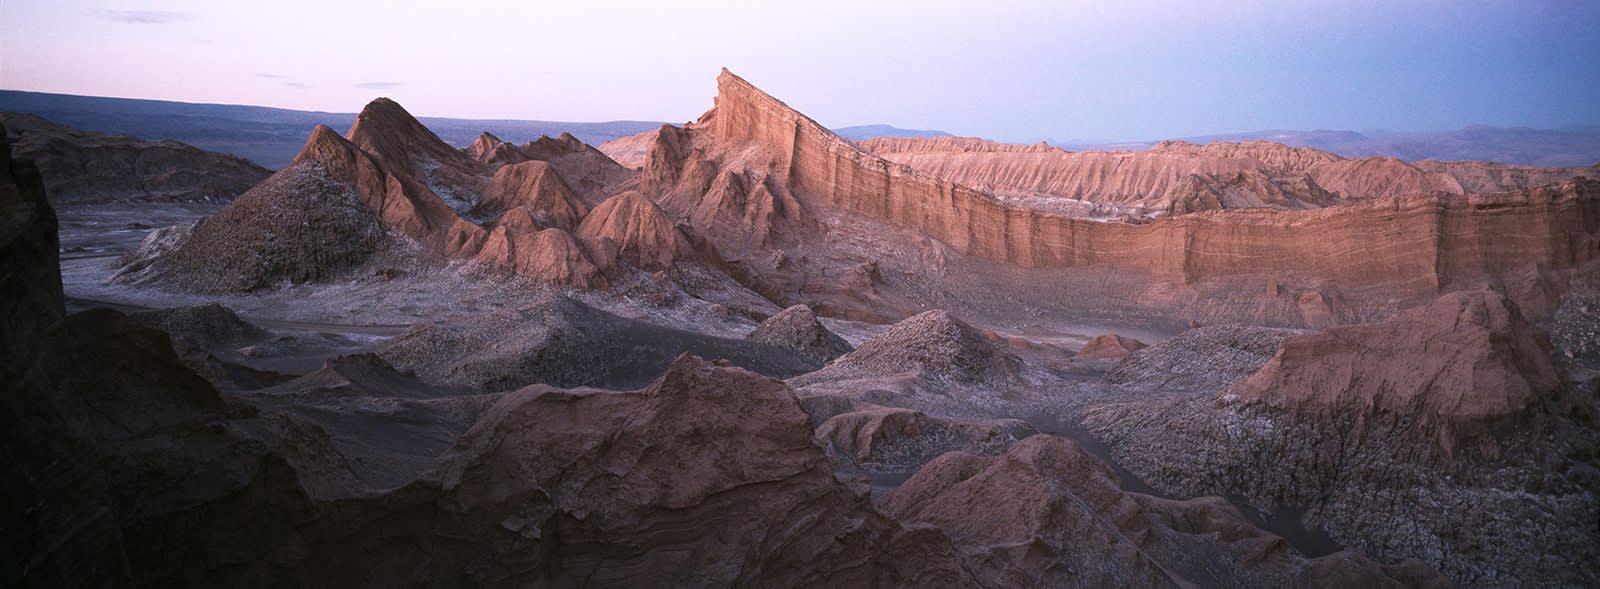 Matjaž Krivic, San Pedro de Atacama, Chile, 2002 – 2006